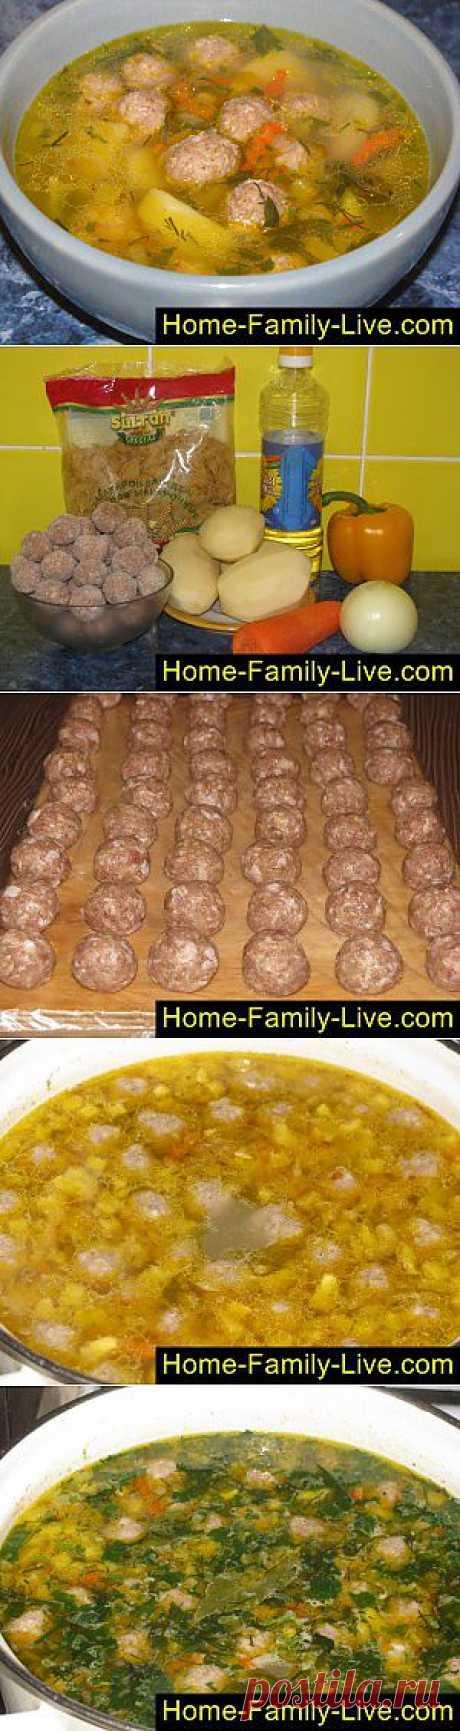 Кулинарные рецепты Суп с фрикадельками - пошаговый фоторецепт - быстрый суп с фрикадельками